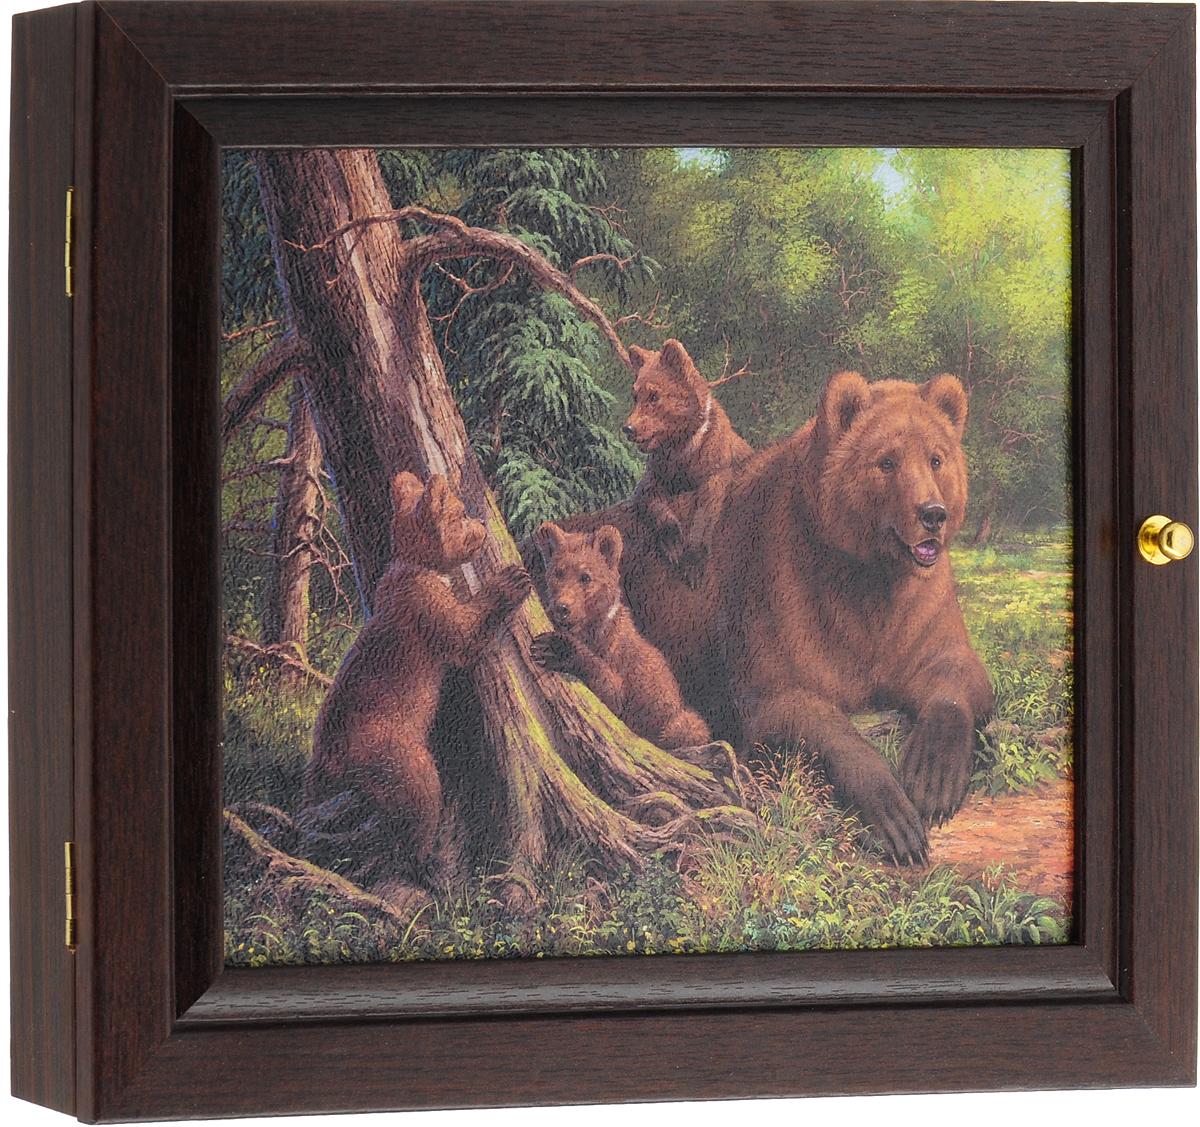 Ключница настенная Медведи, 26 х 31 см ключница настенная медведи 26 х 31 см